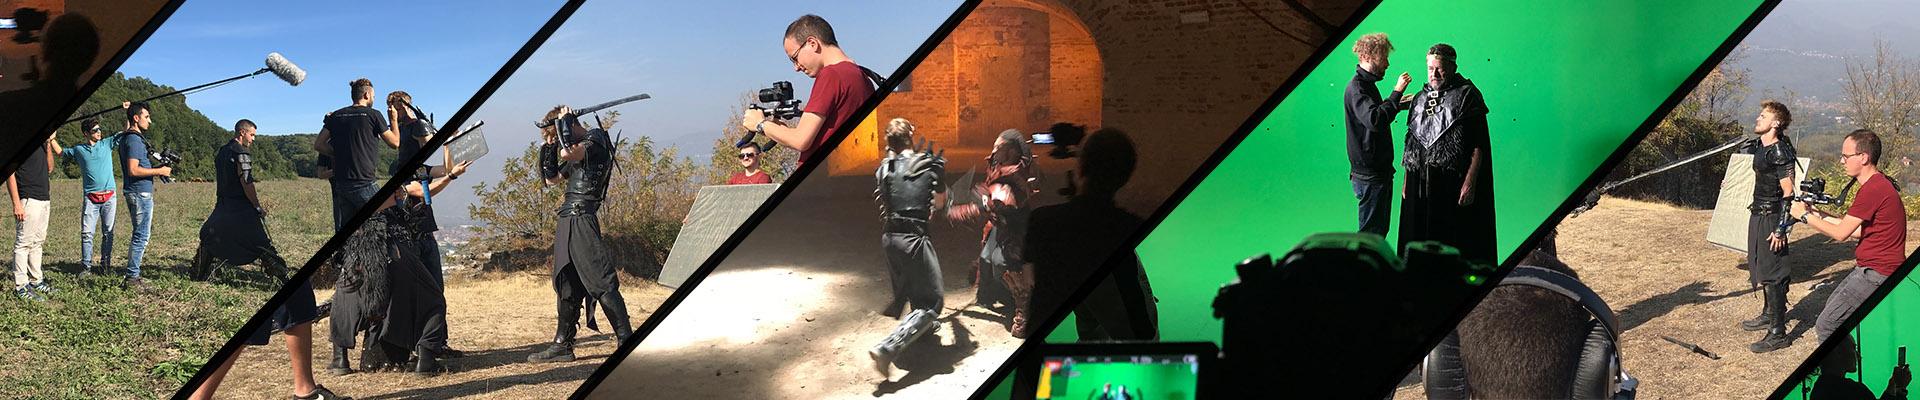 Regia_e_Digital_Filmmaking